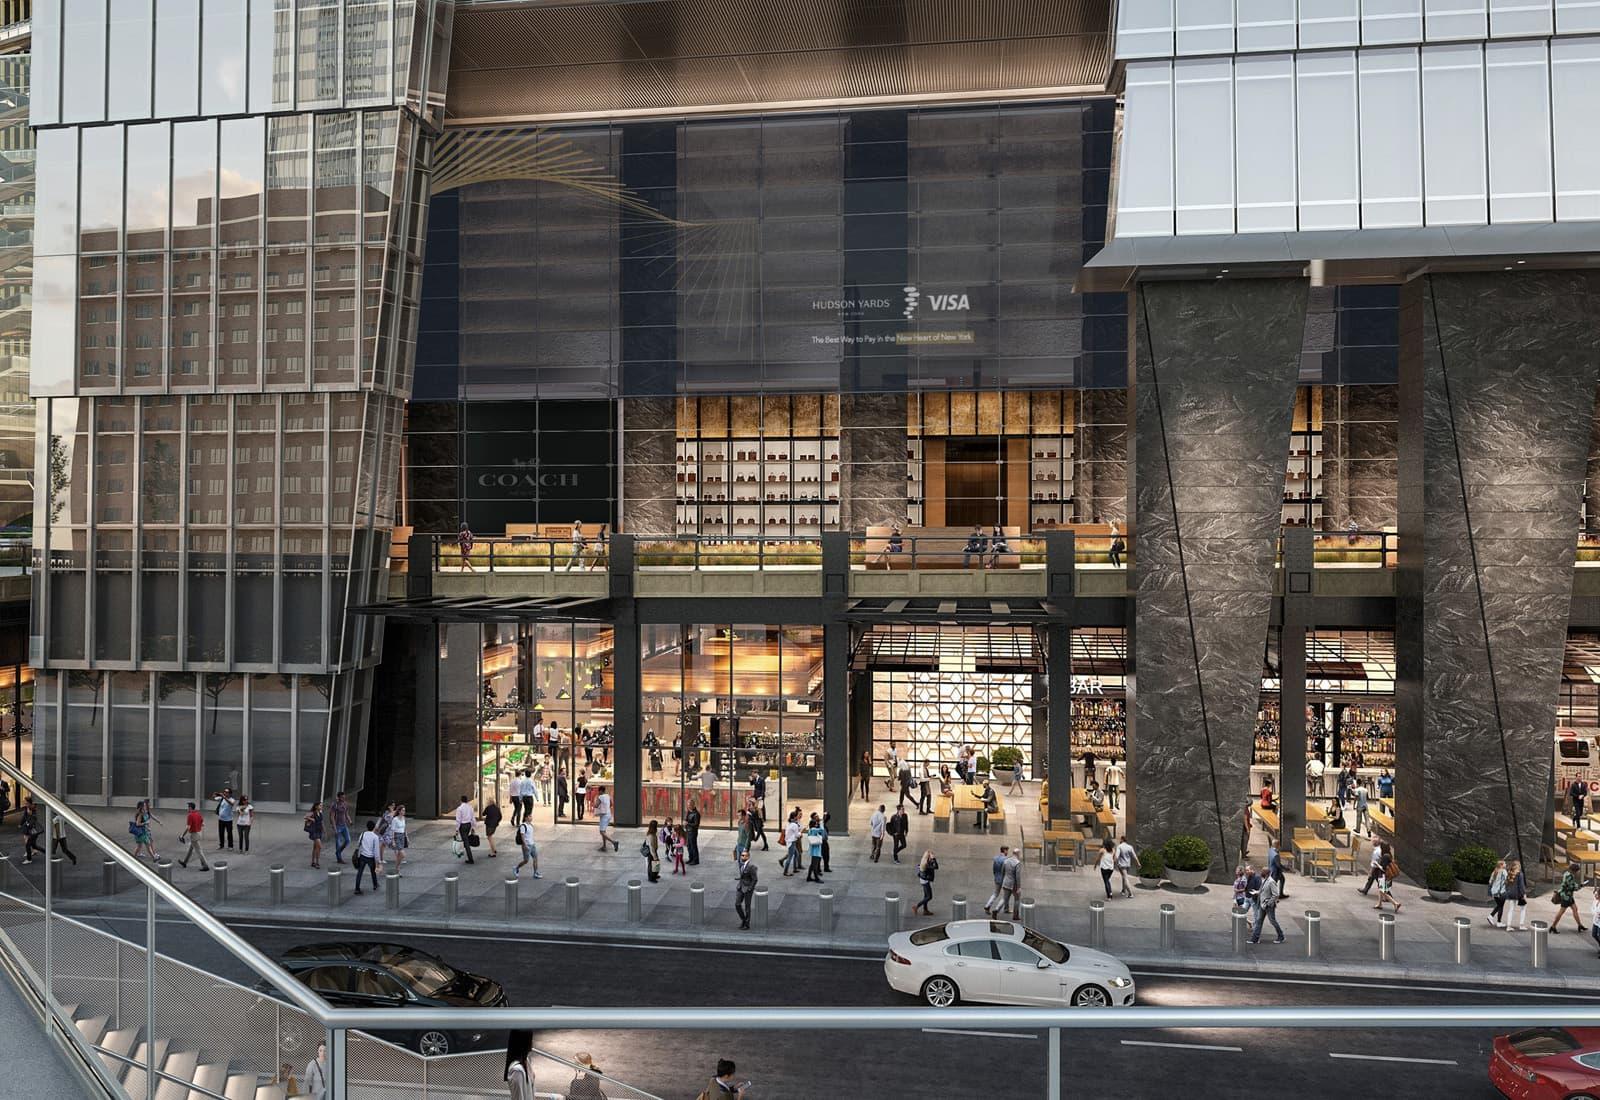 Visa Hudson Yards New York